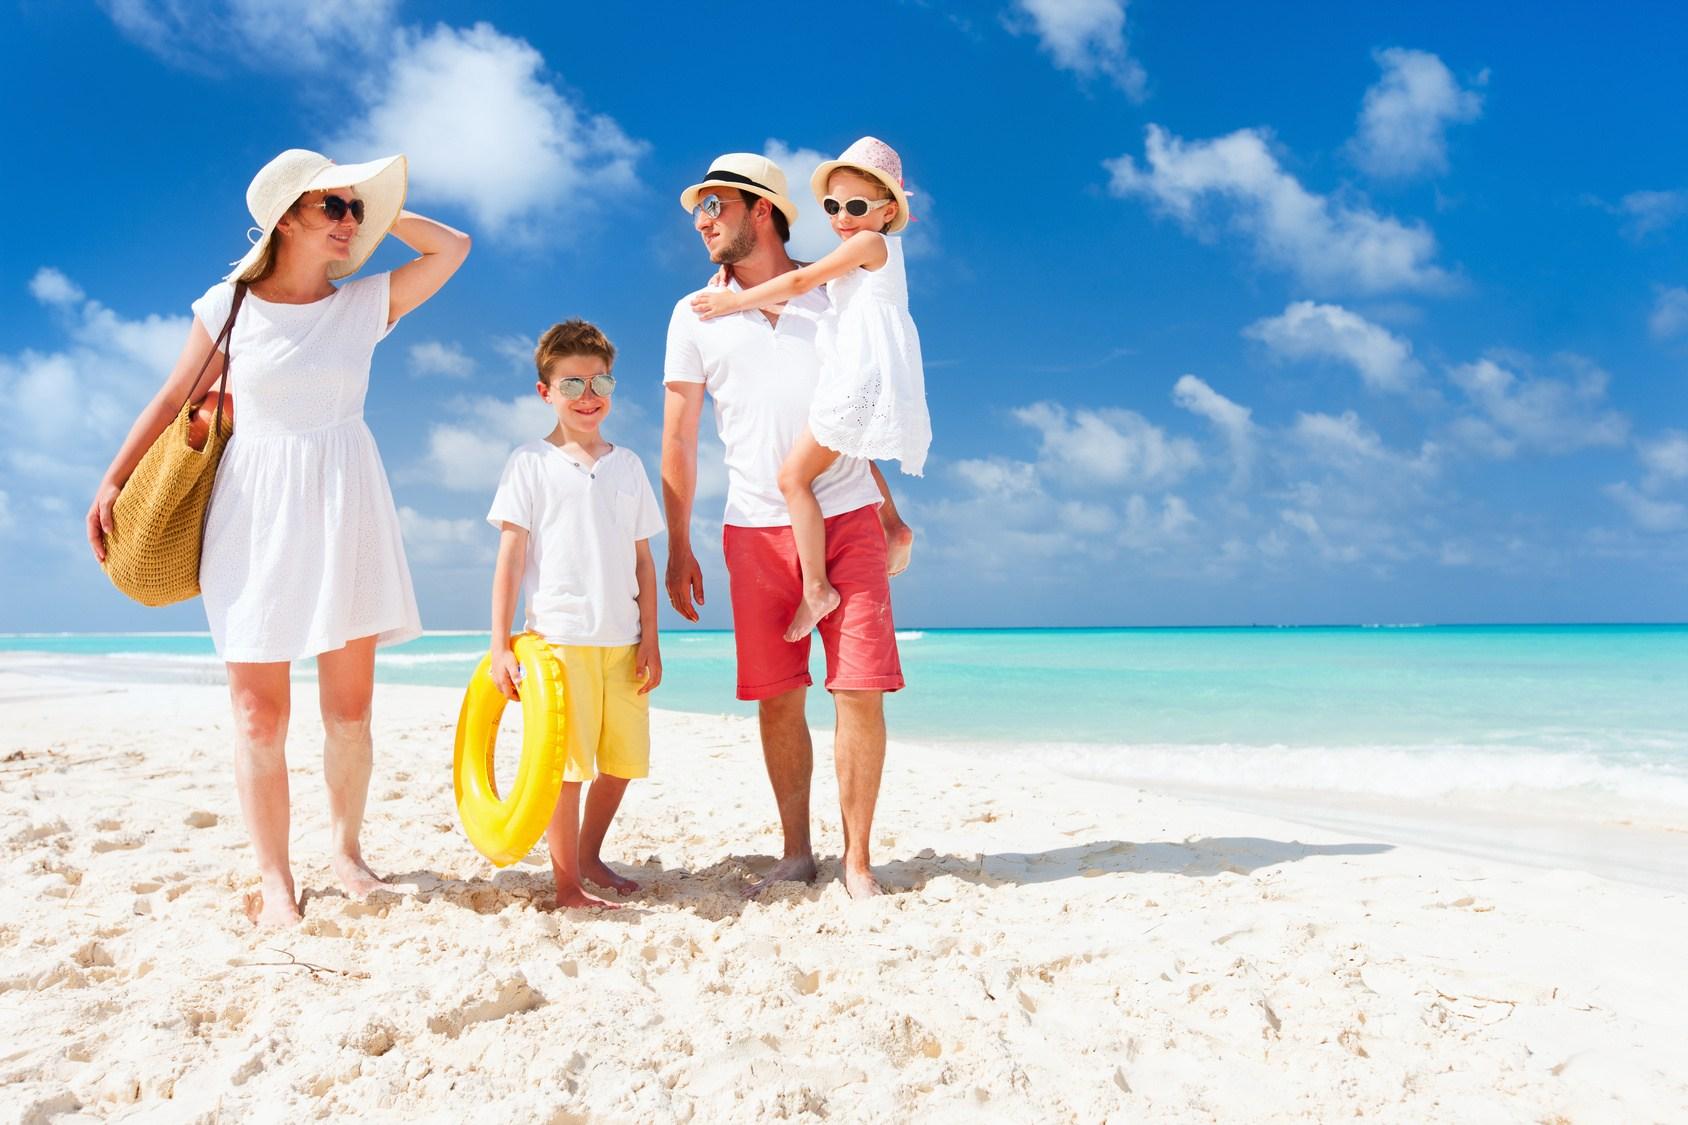 Tham khảo kinh nghiệm du lịch biển giúp bạn trải nghiệm một mùa hè đầy thú vị - Ảnh 5.